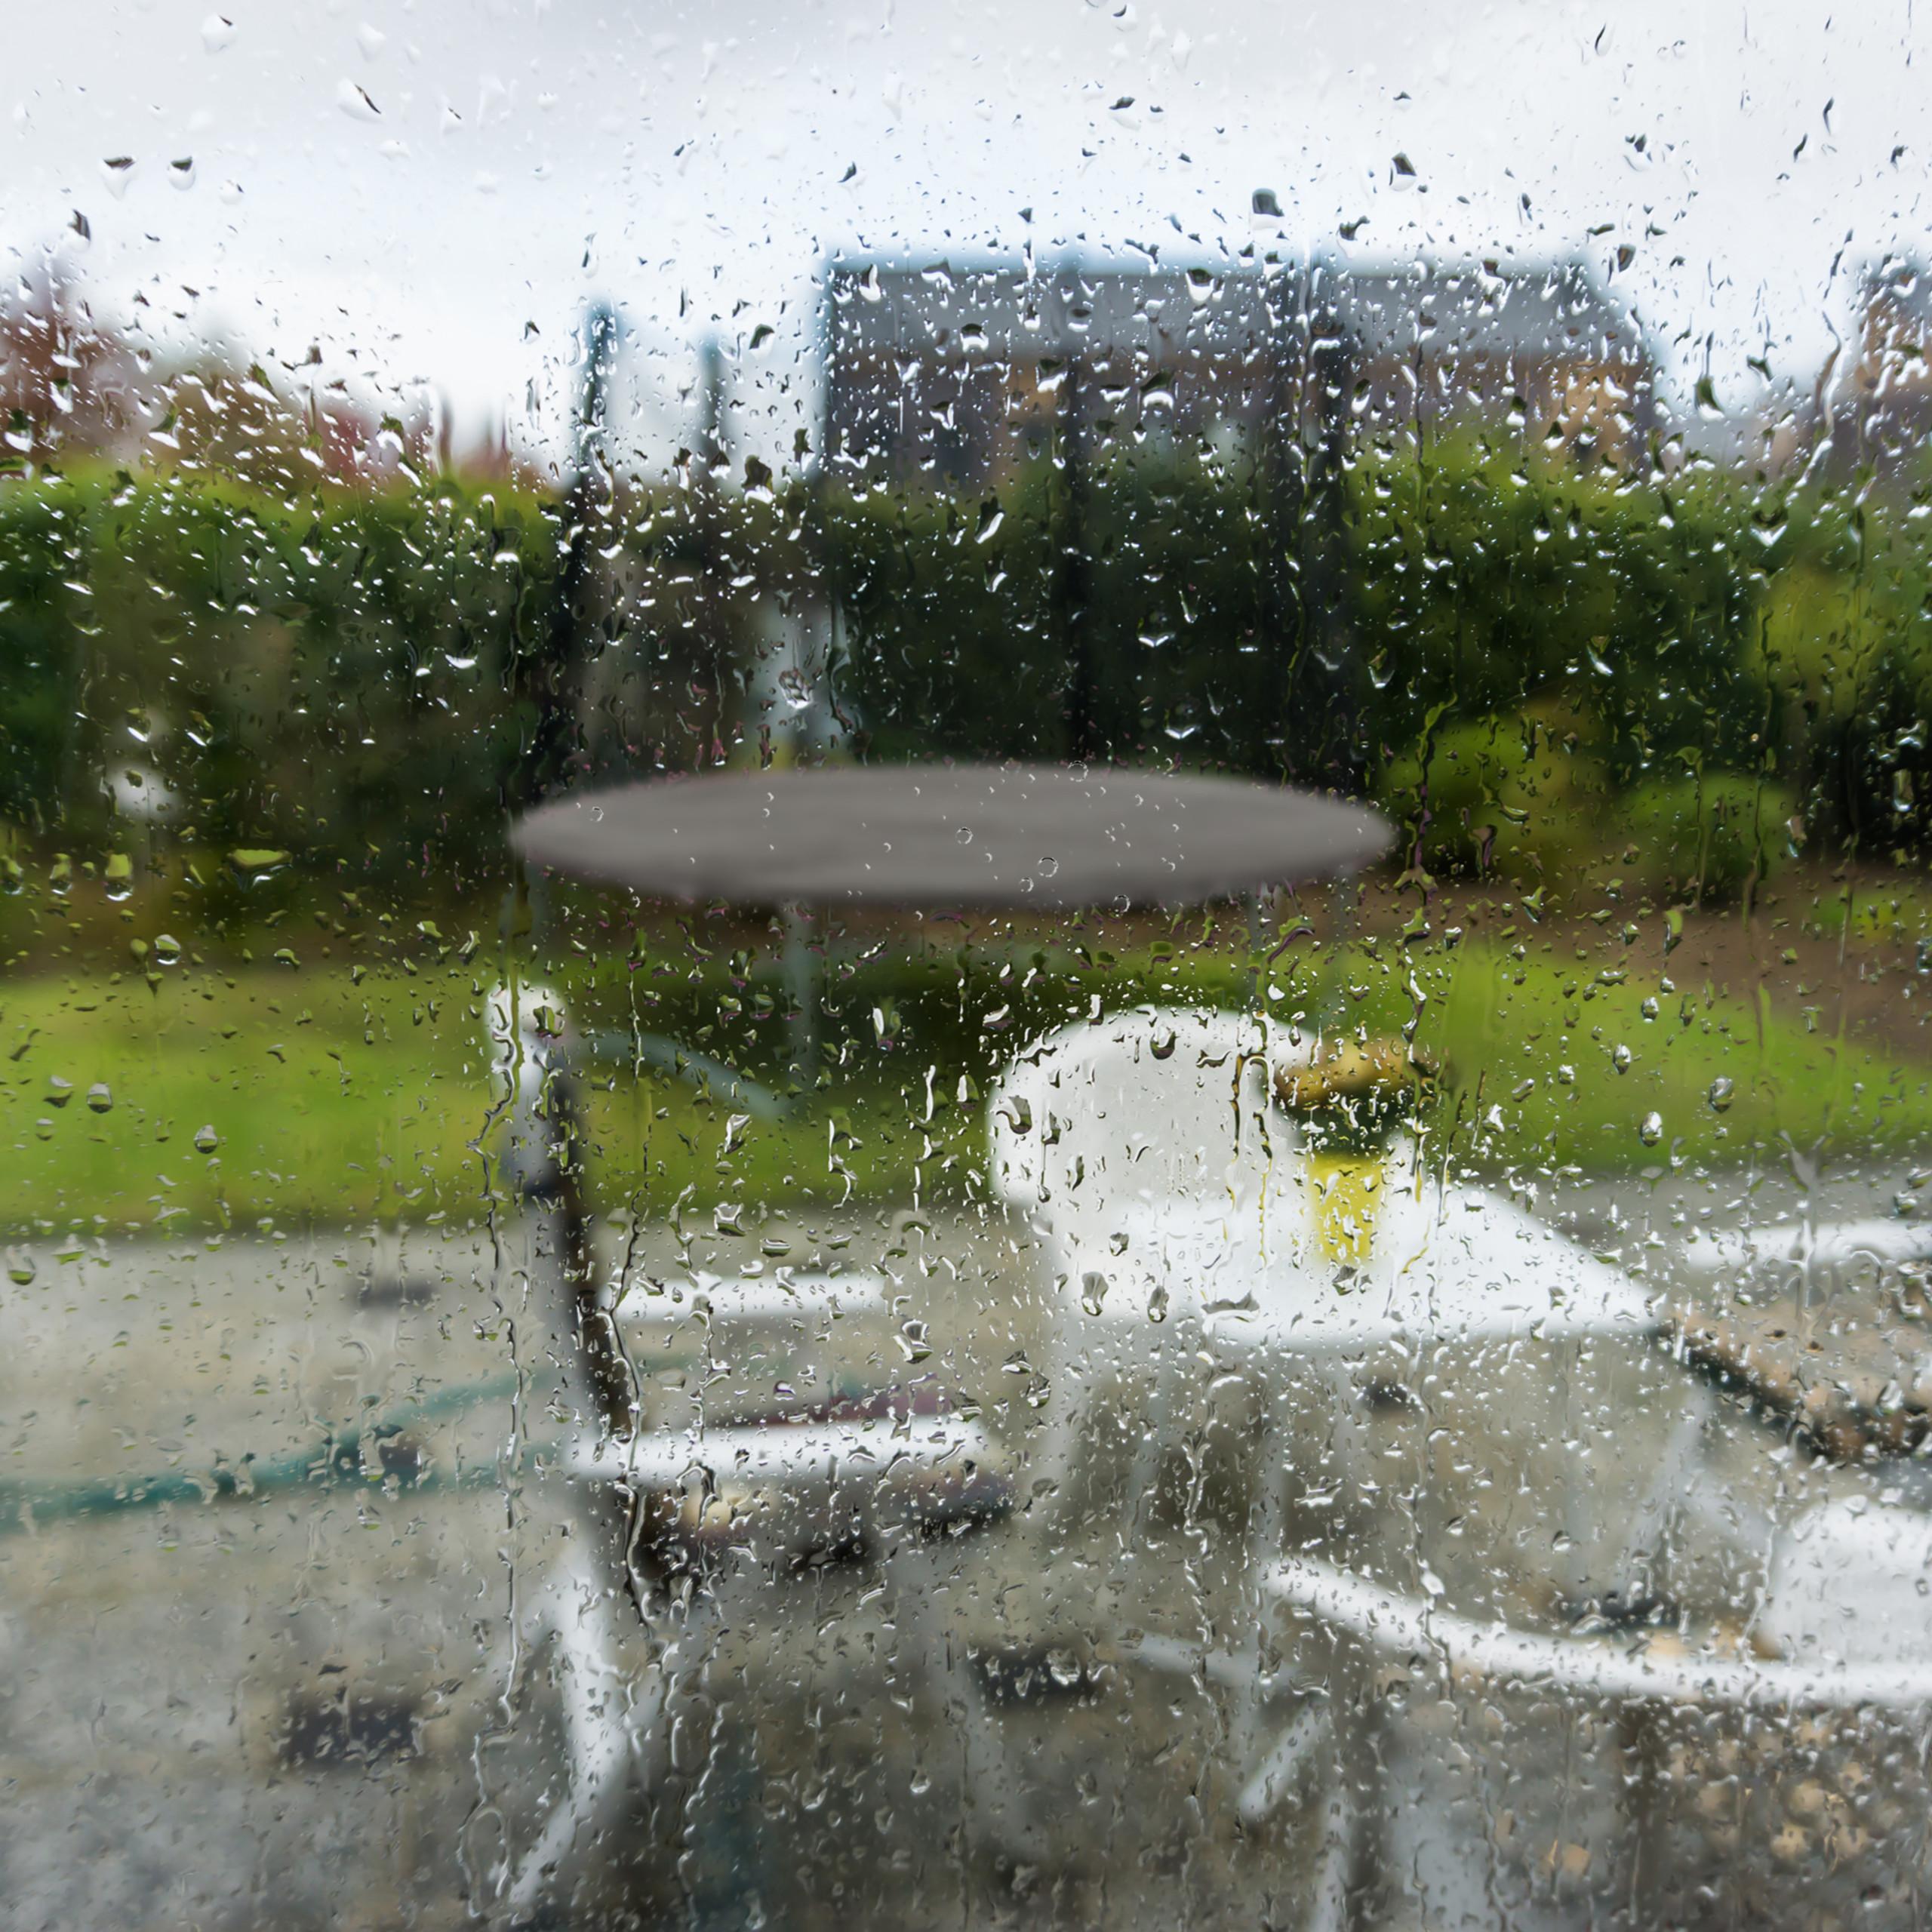 Housse-de-Protection-pour-Trampoline-Bache-pluie-vent-jardin-intemperies miniature 5